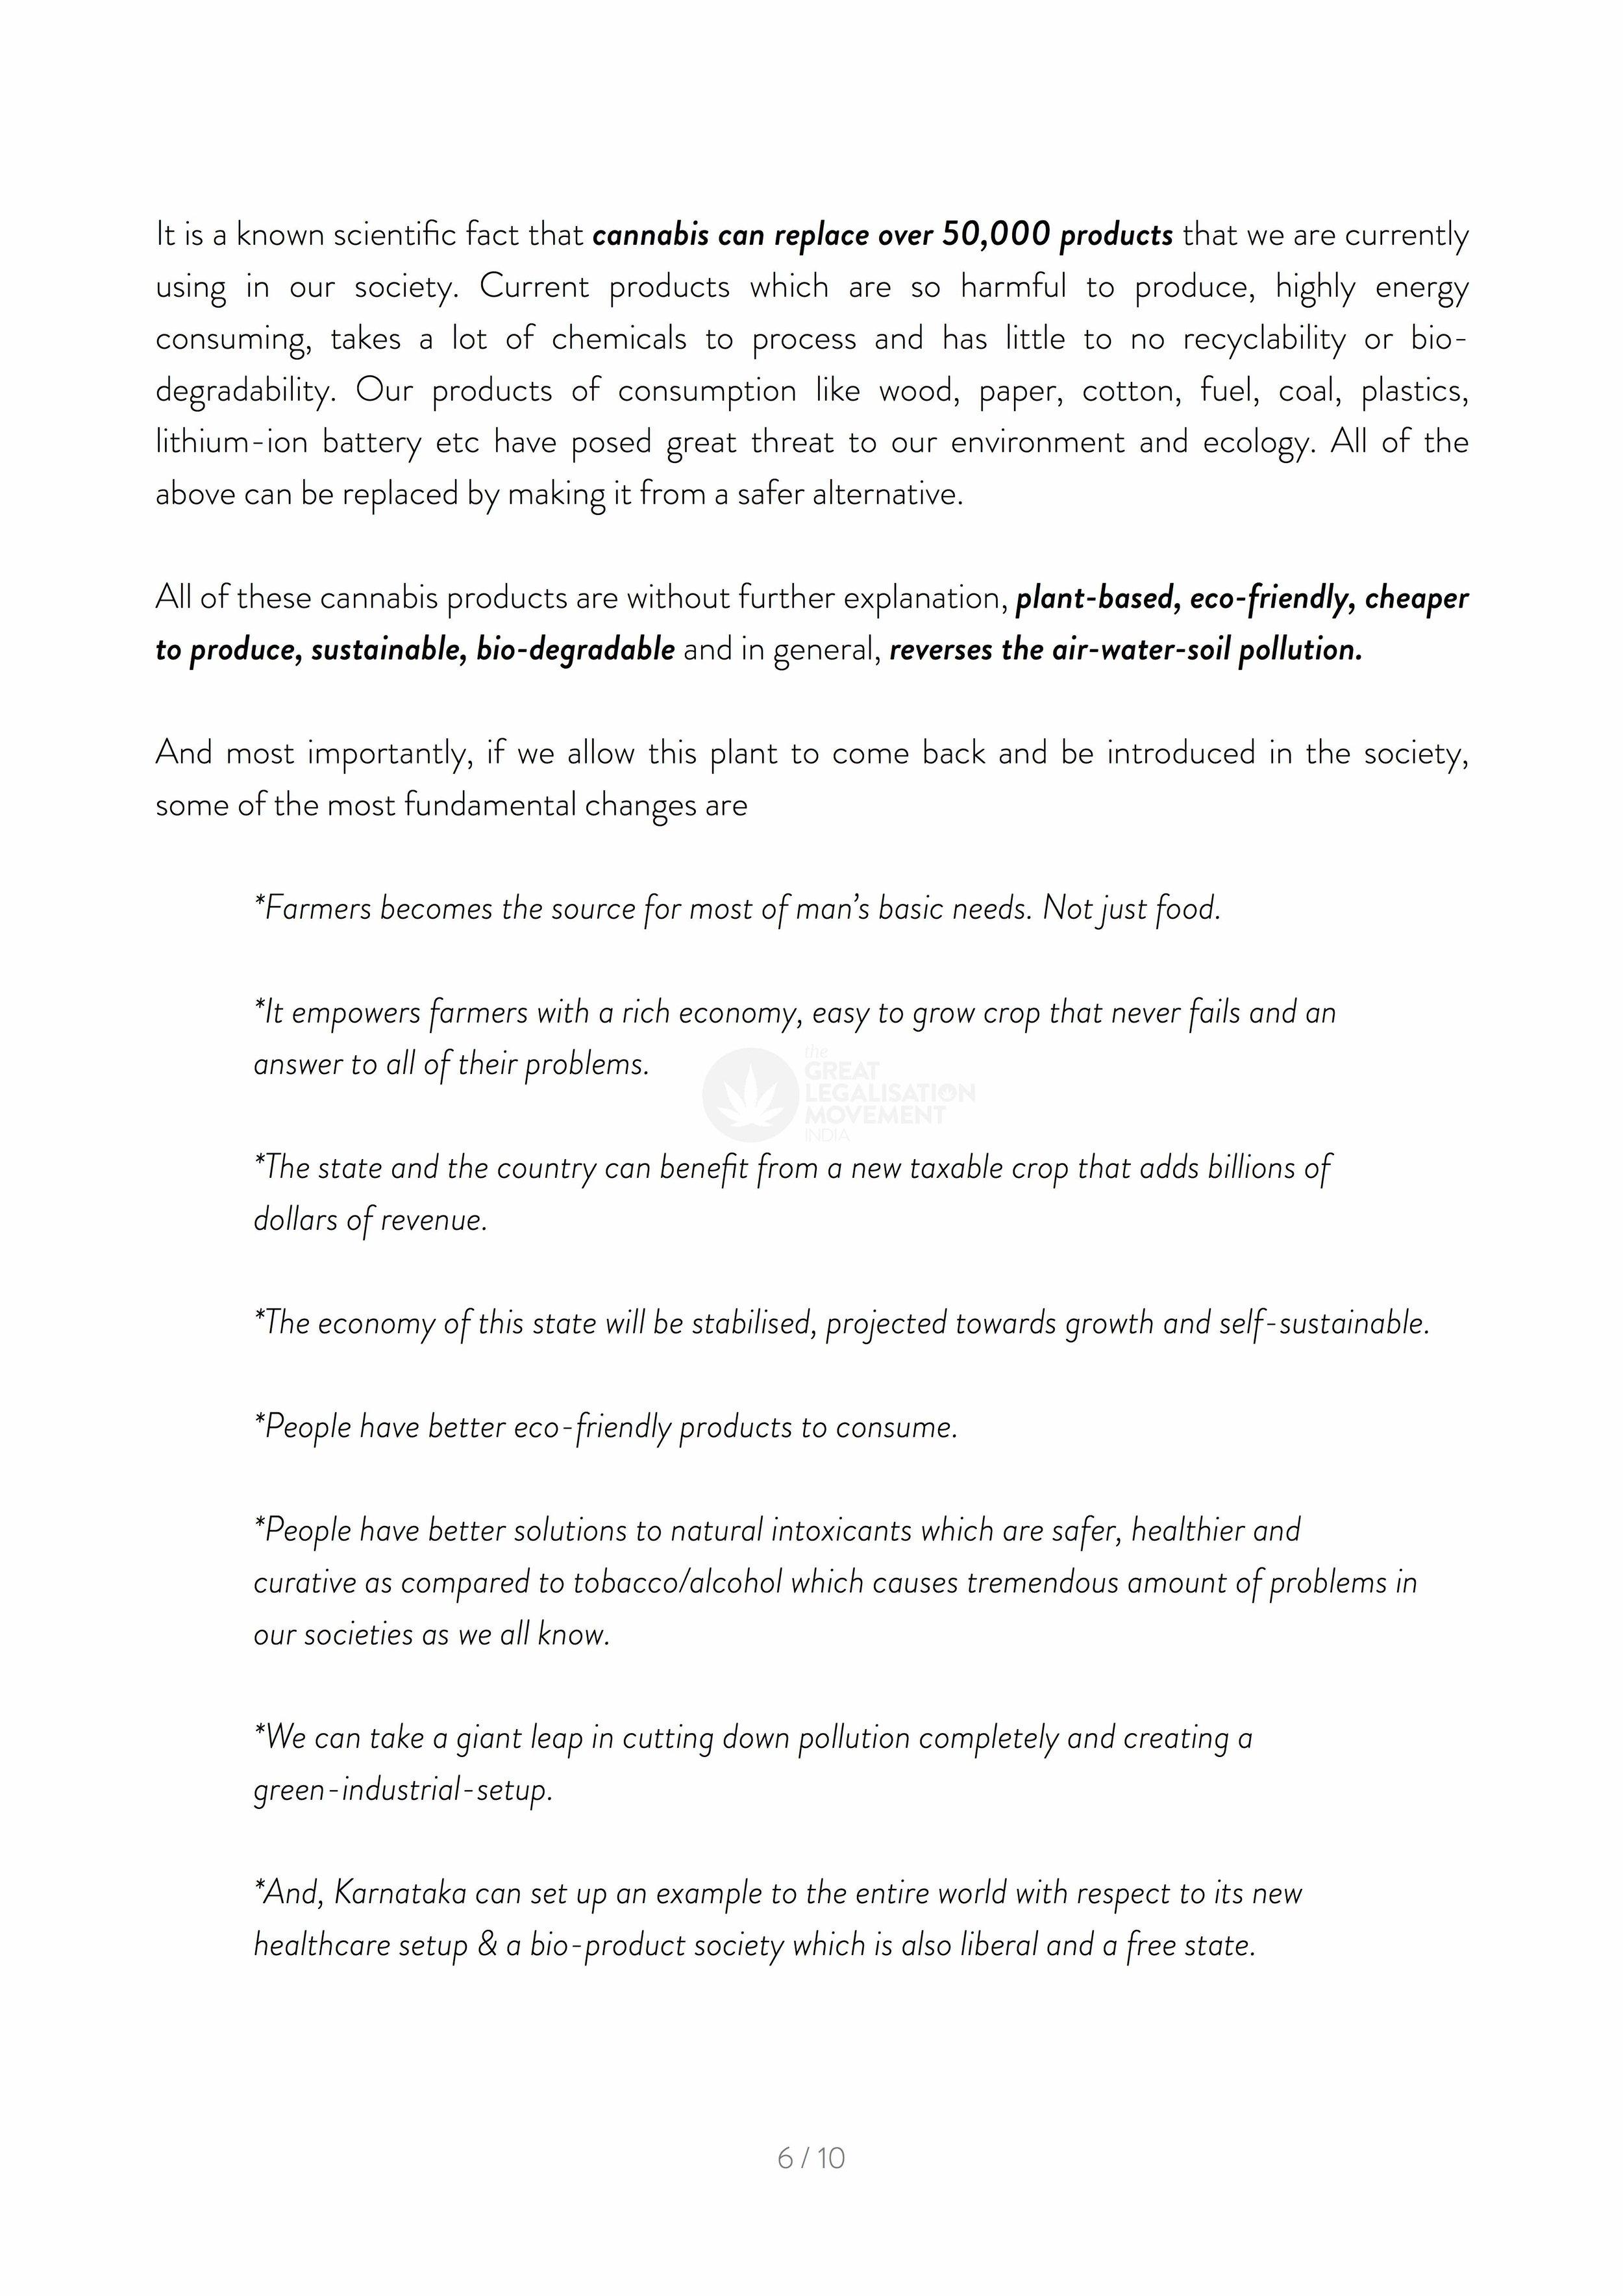 Letter to Kumaraswamy 7_6.jpg